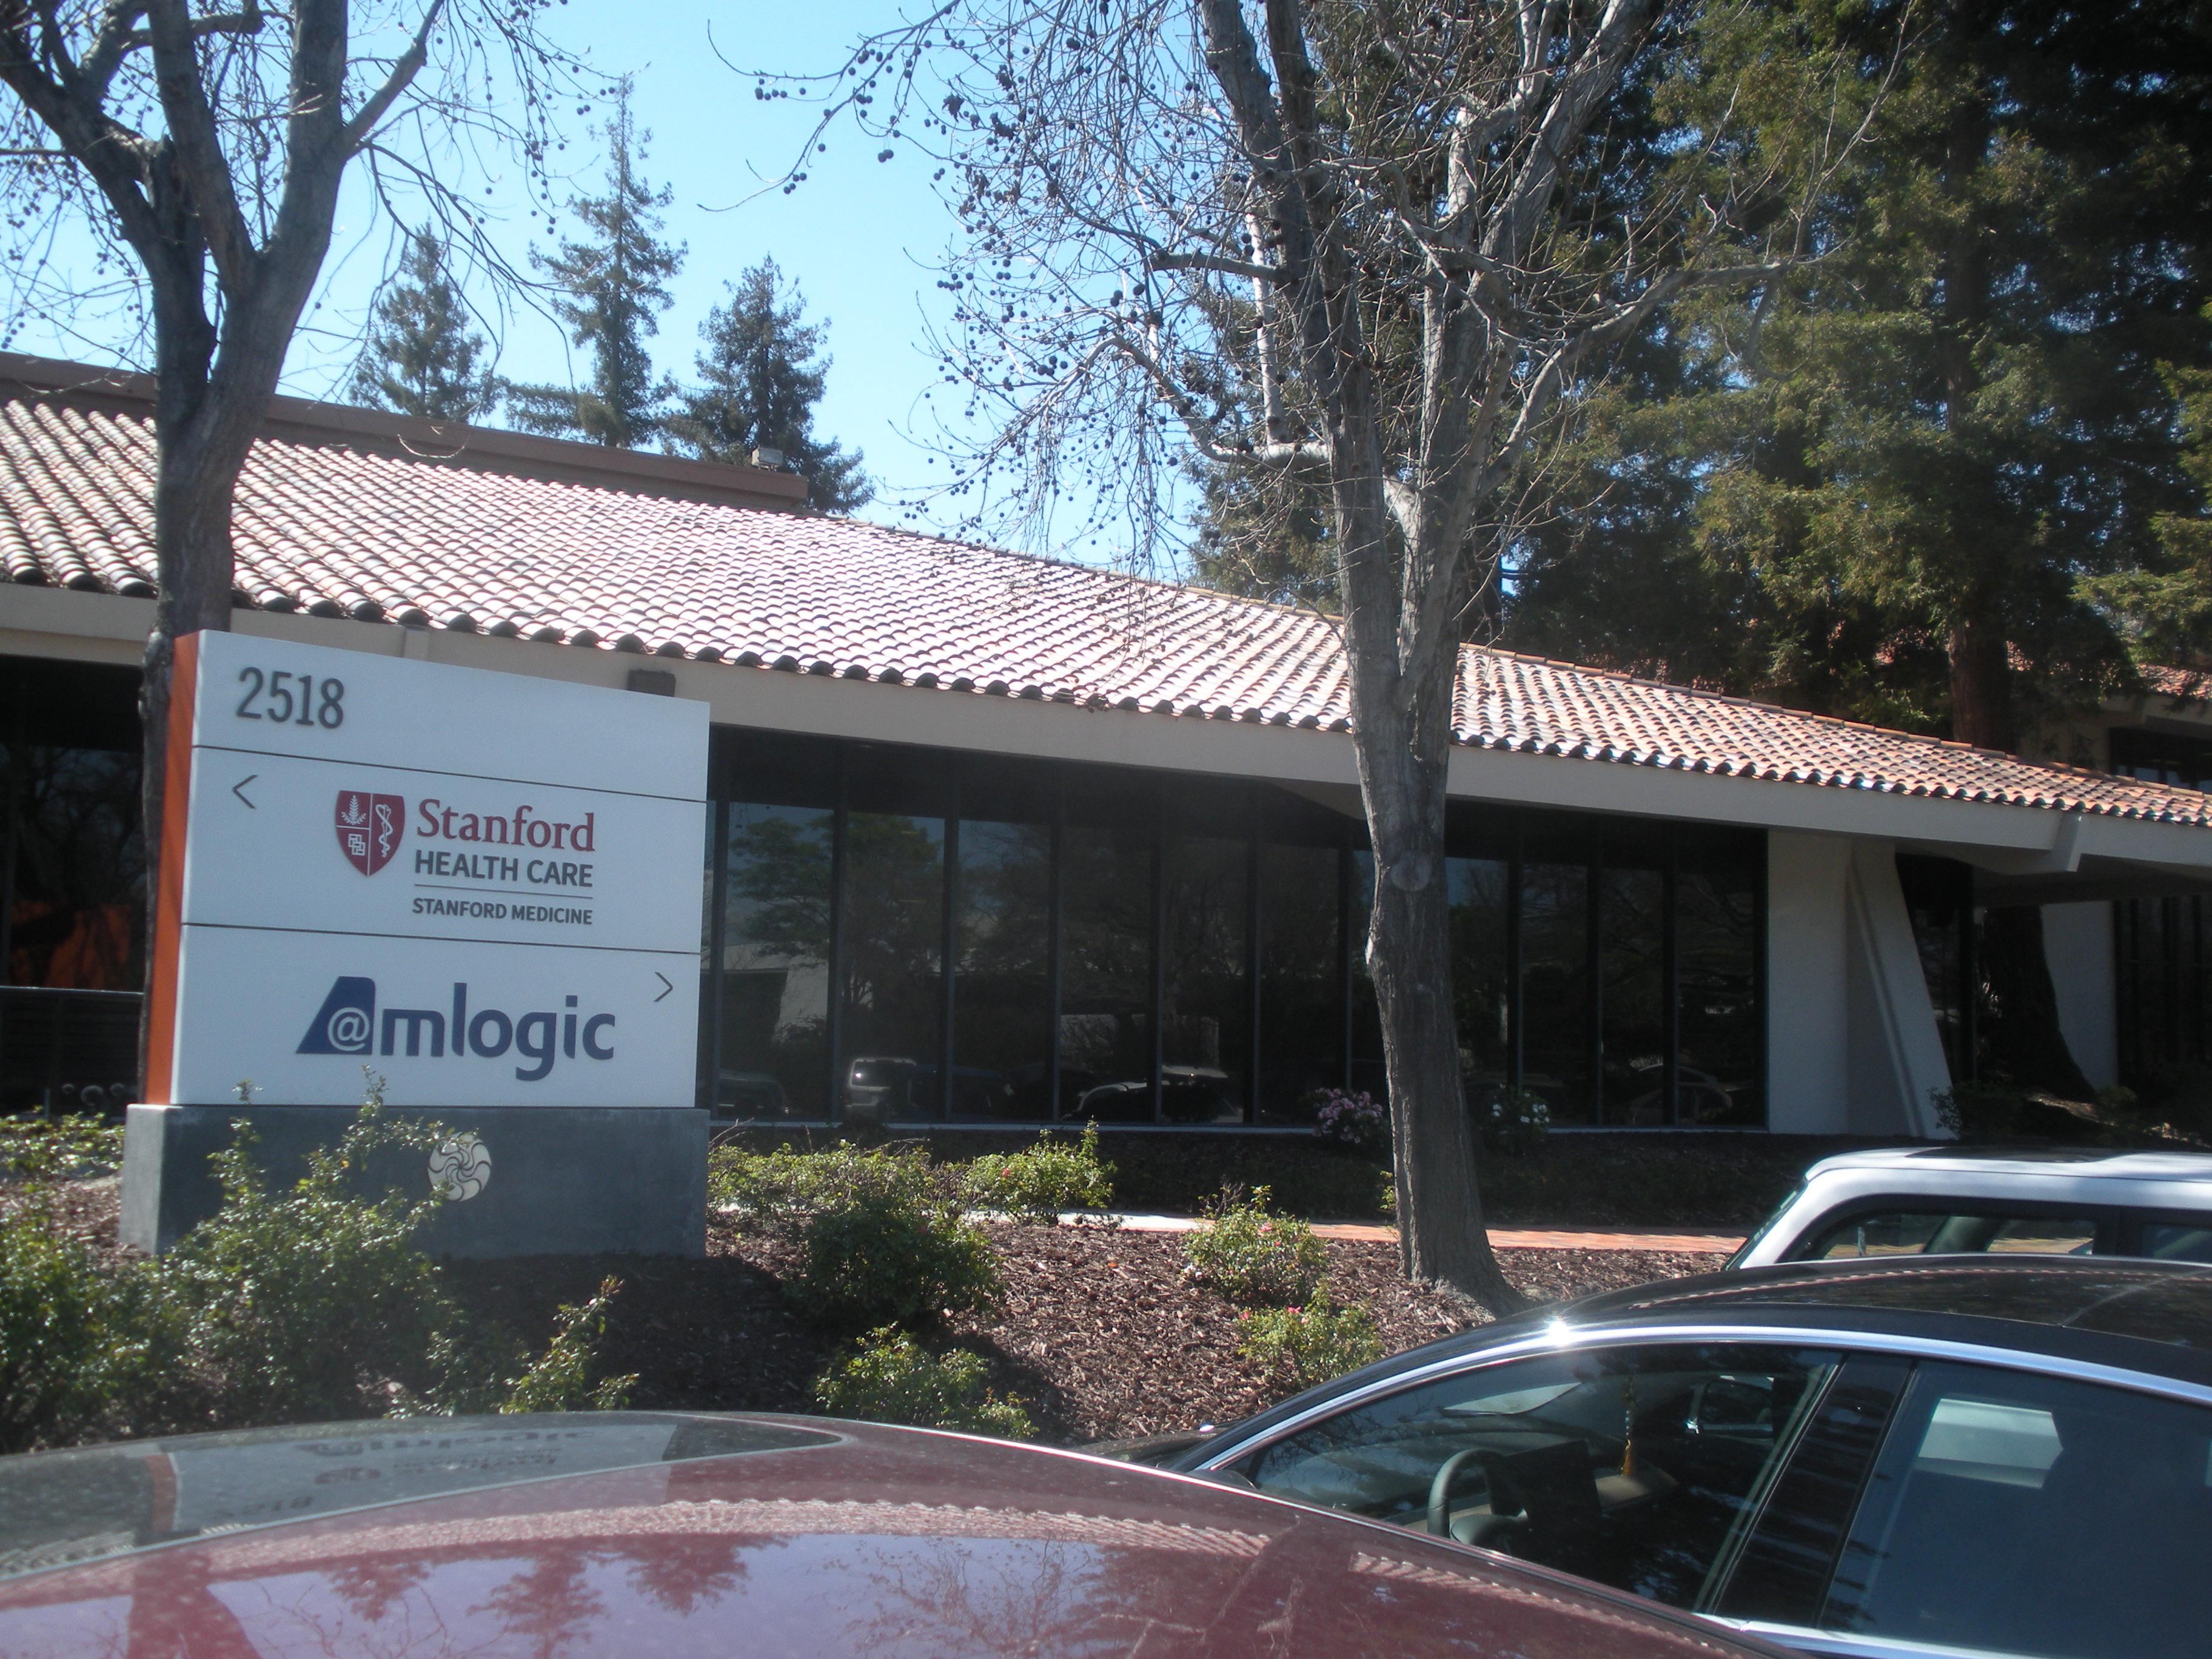 Amlogic - Wikipedia